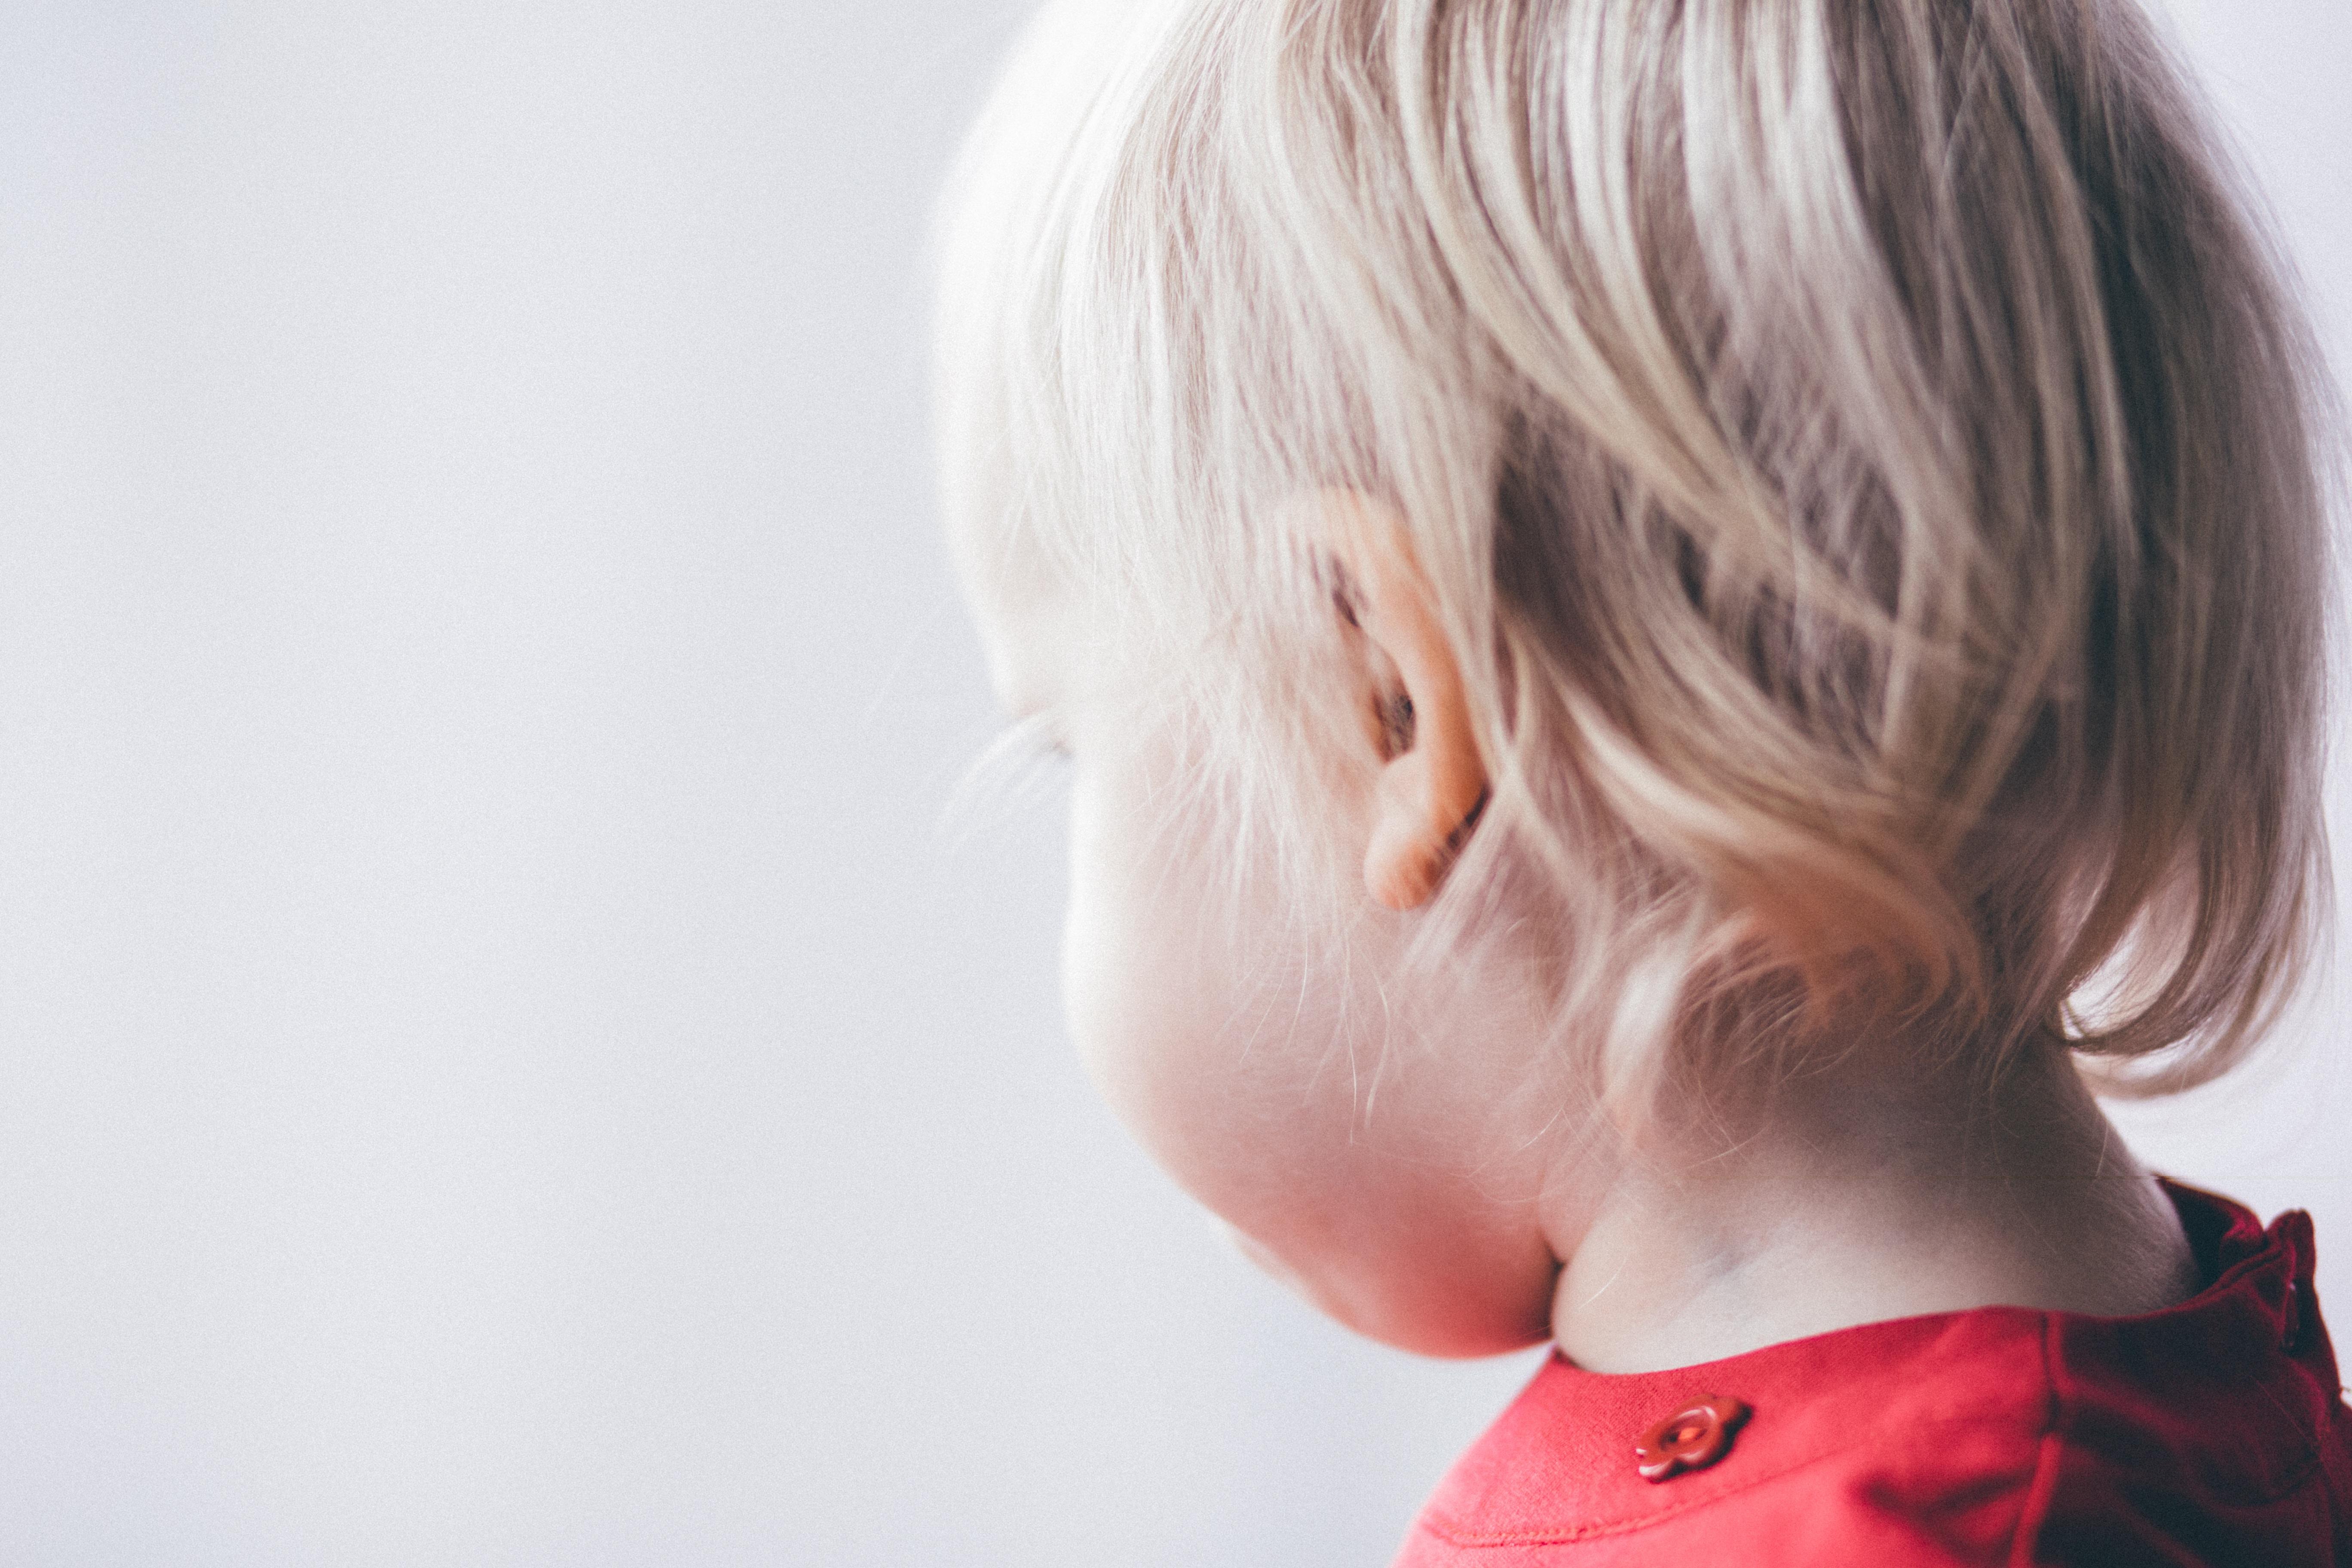 Ločitveni strah pri dojenčku in kako mu pomagati